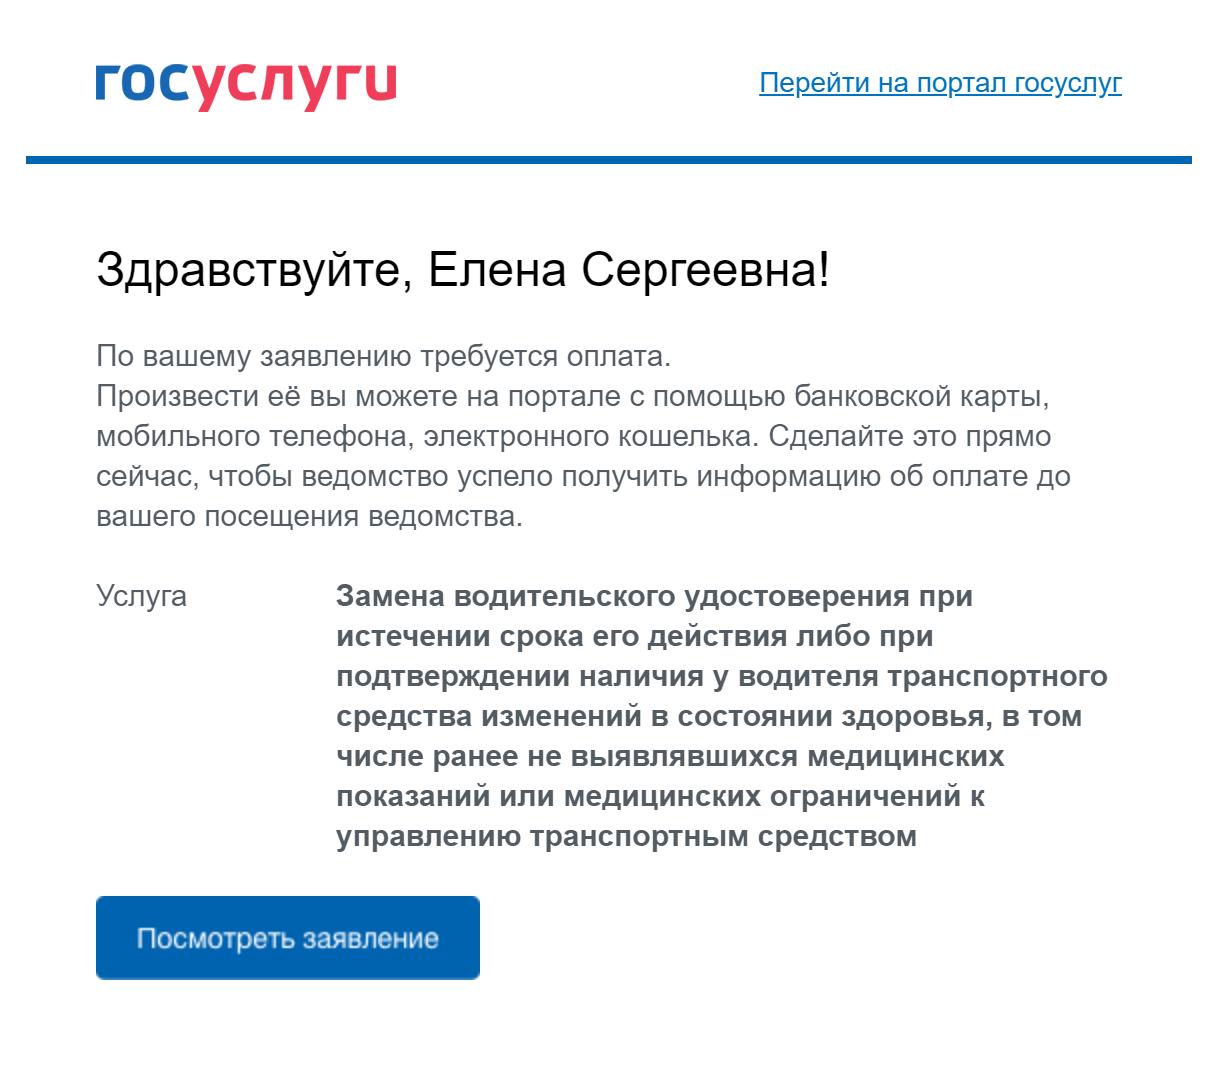 При оплате пошлины через госуслуги будет скидка 30% — заплатите 1400{amp}amp;nbsp;рублей вместо 2000